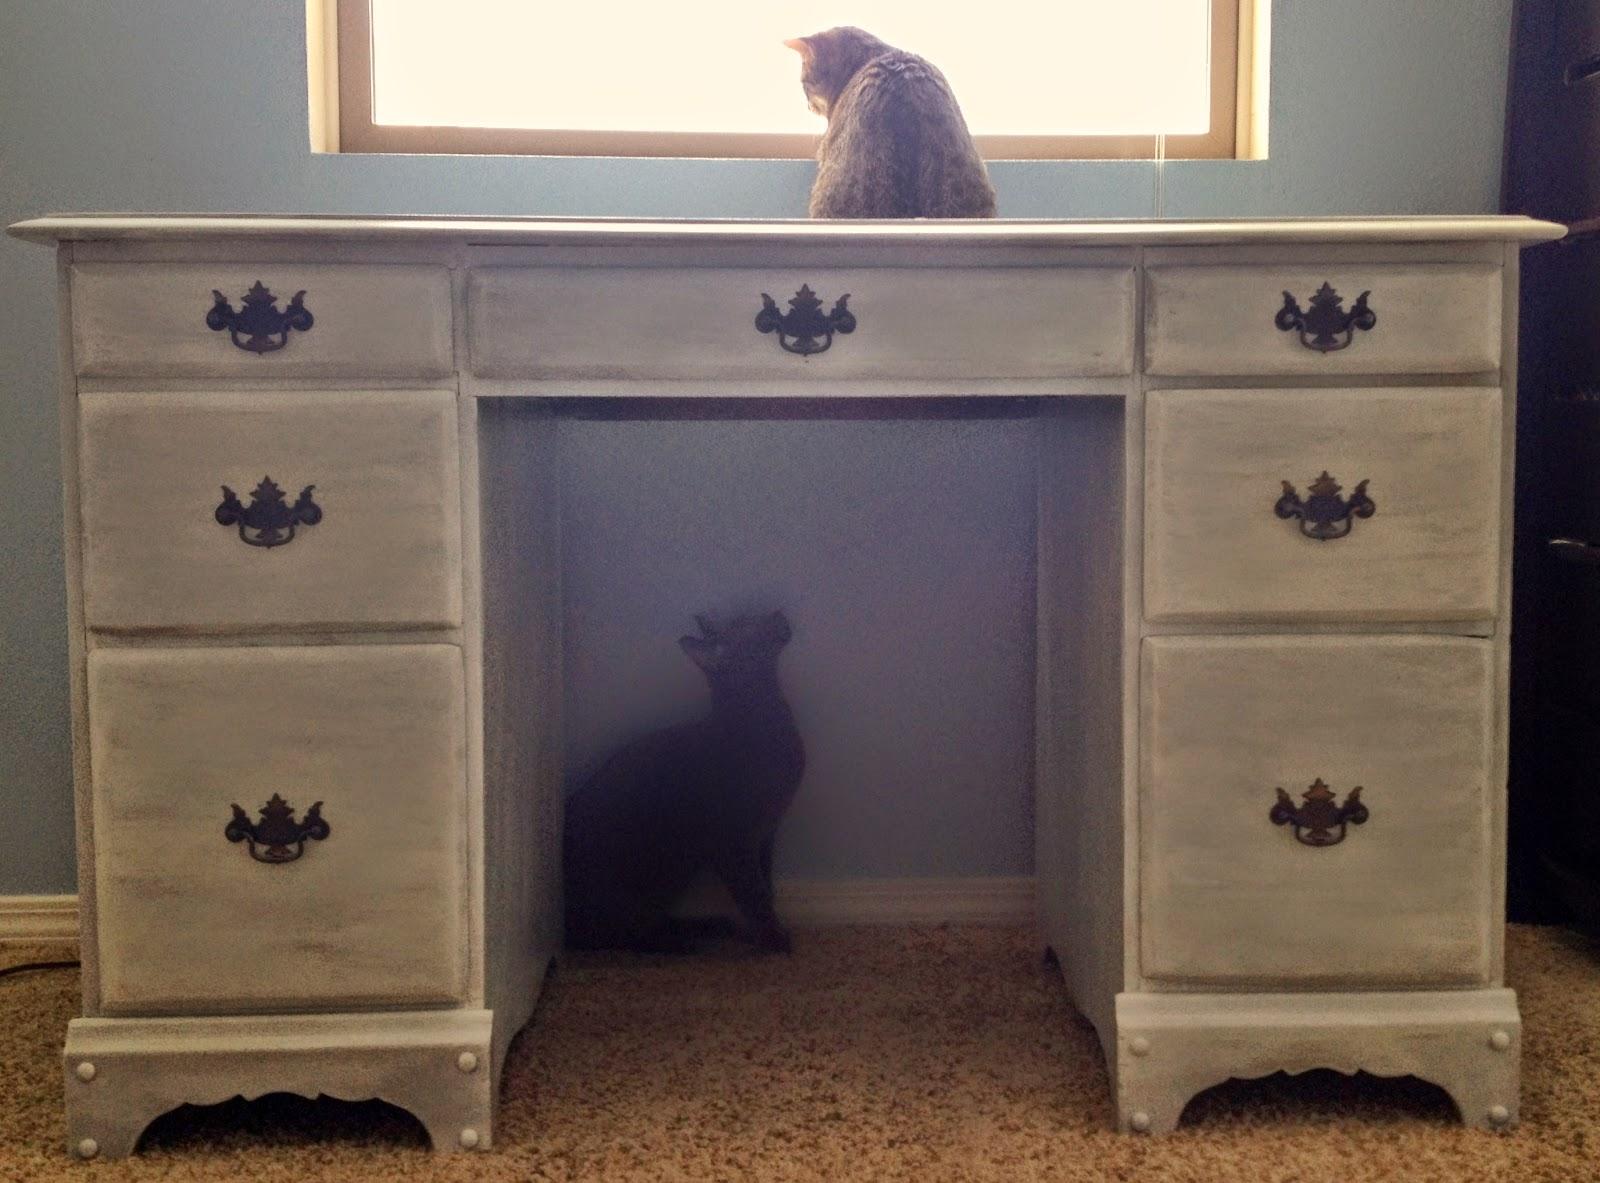 Так мы полностью реставрировали мебель в спальню и покрасили кровать в одной цветовой гамме.